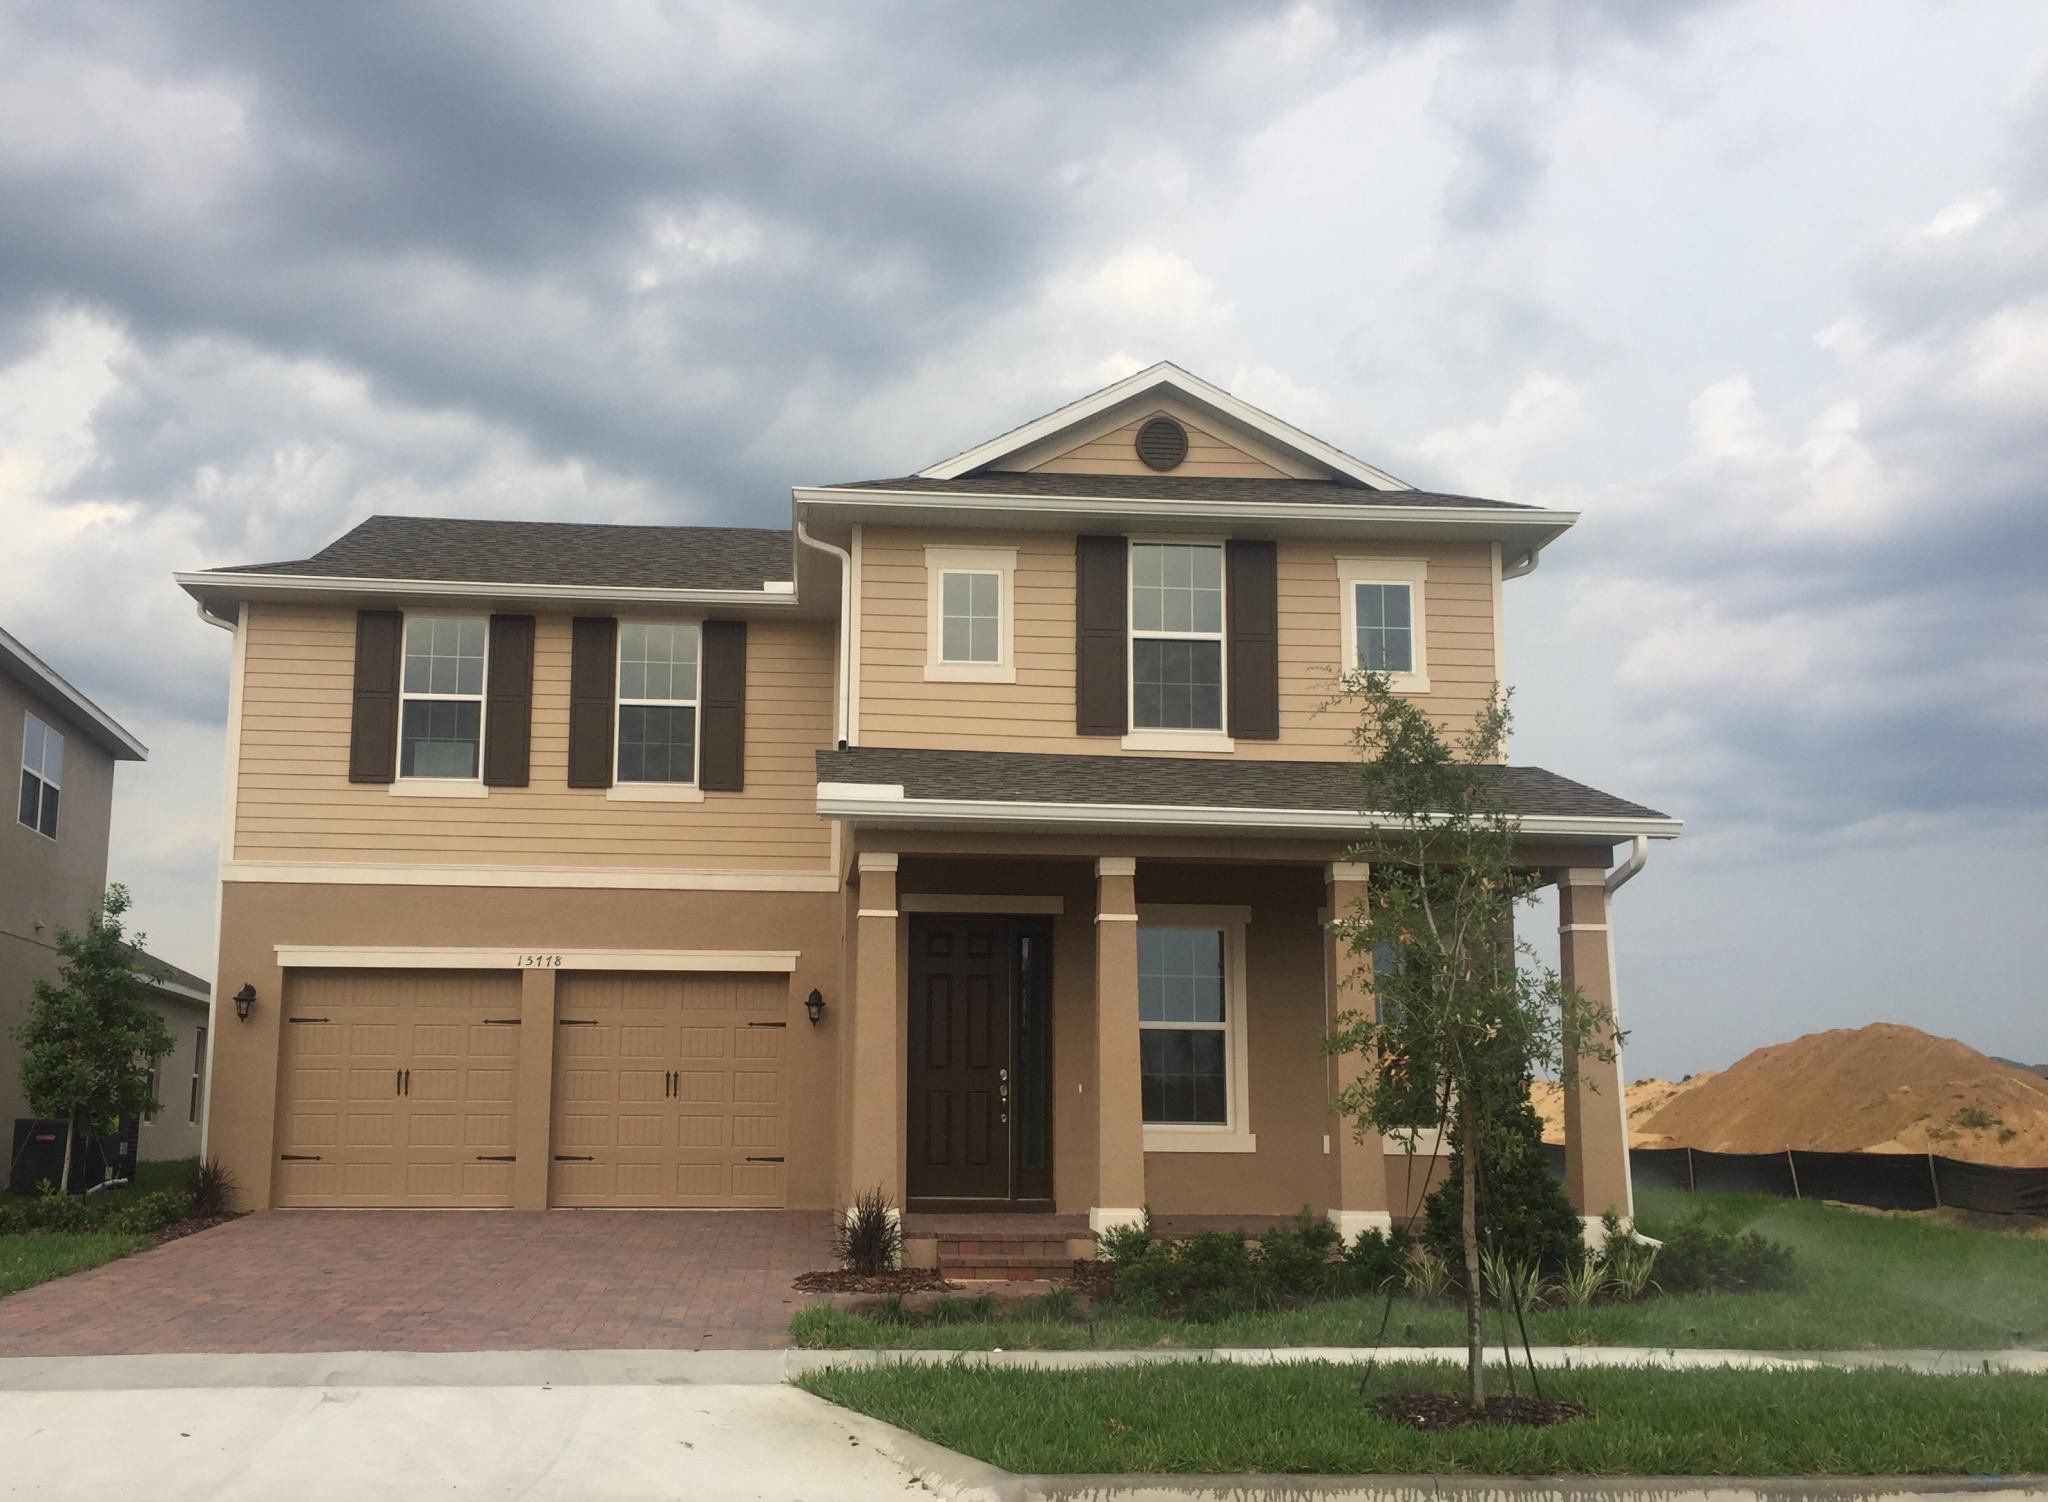 15778 Murcott Harvest Loop, Winter Garden, FL 34787 For Rent | Trulia